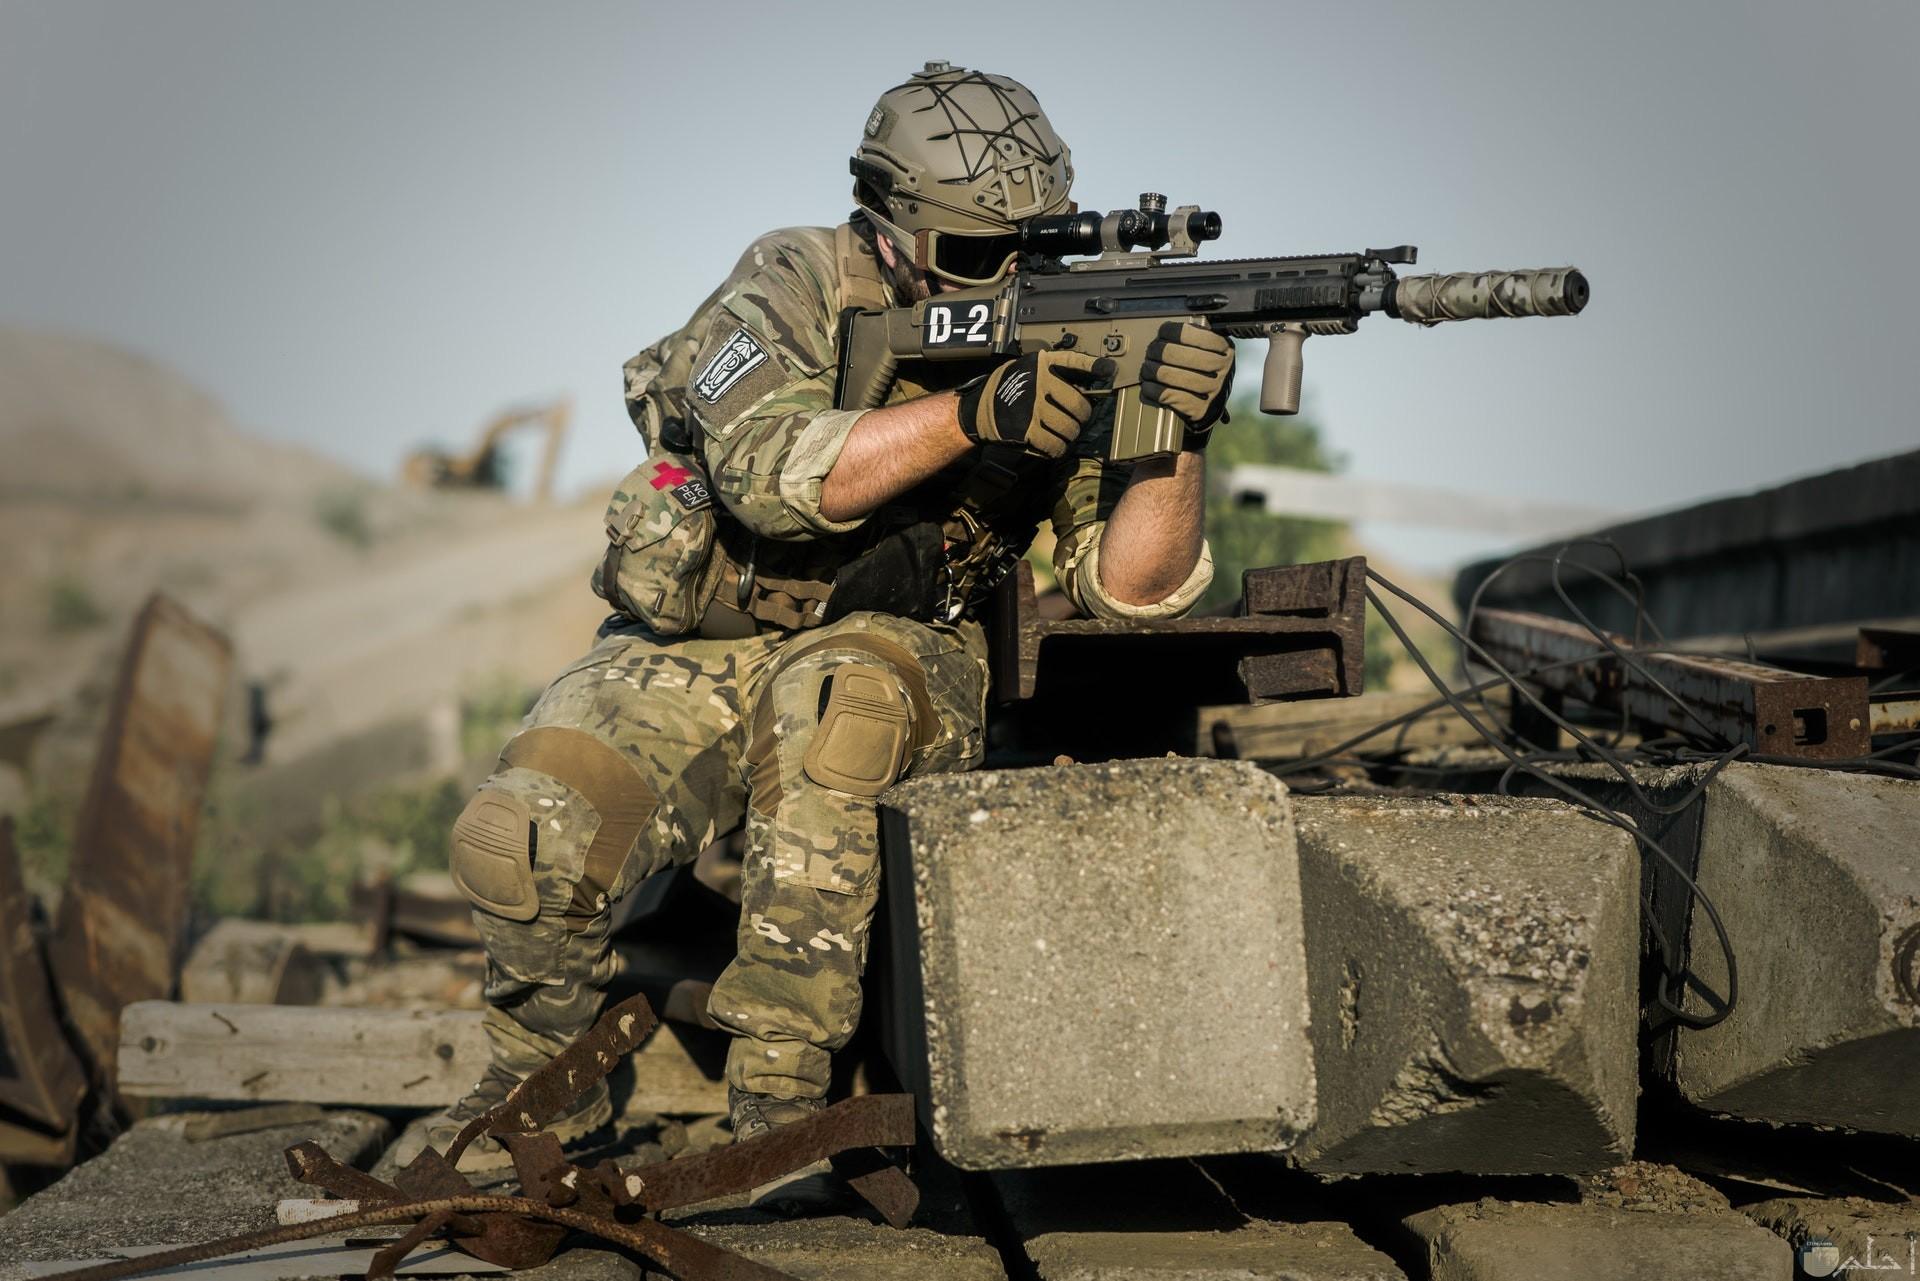 صورة أكشن مميزة لمجند يحمل سلاح وجالس فوق صخرة